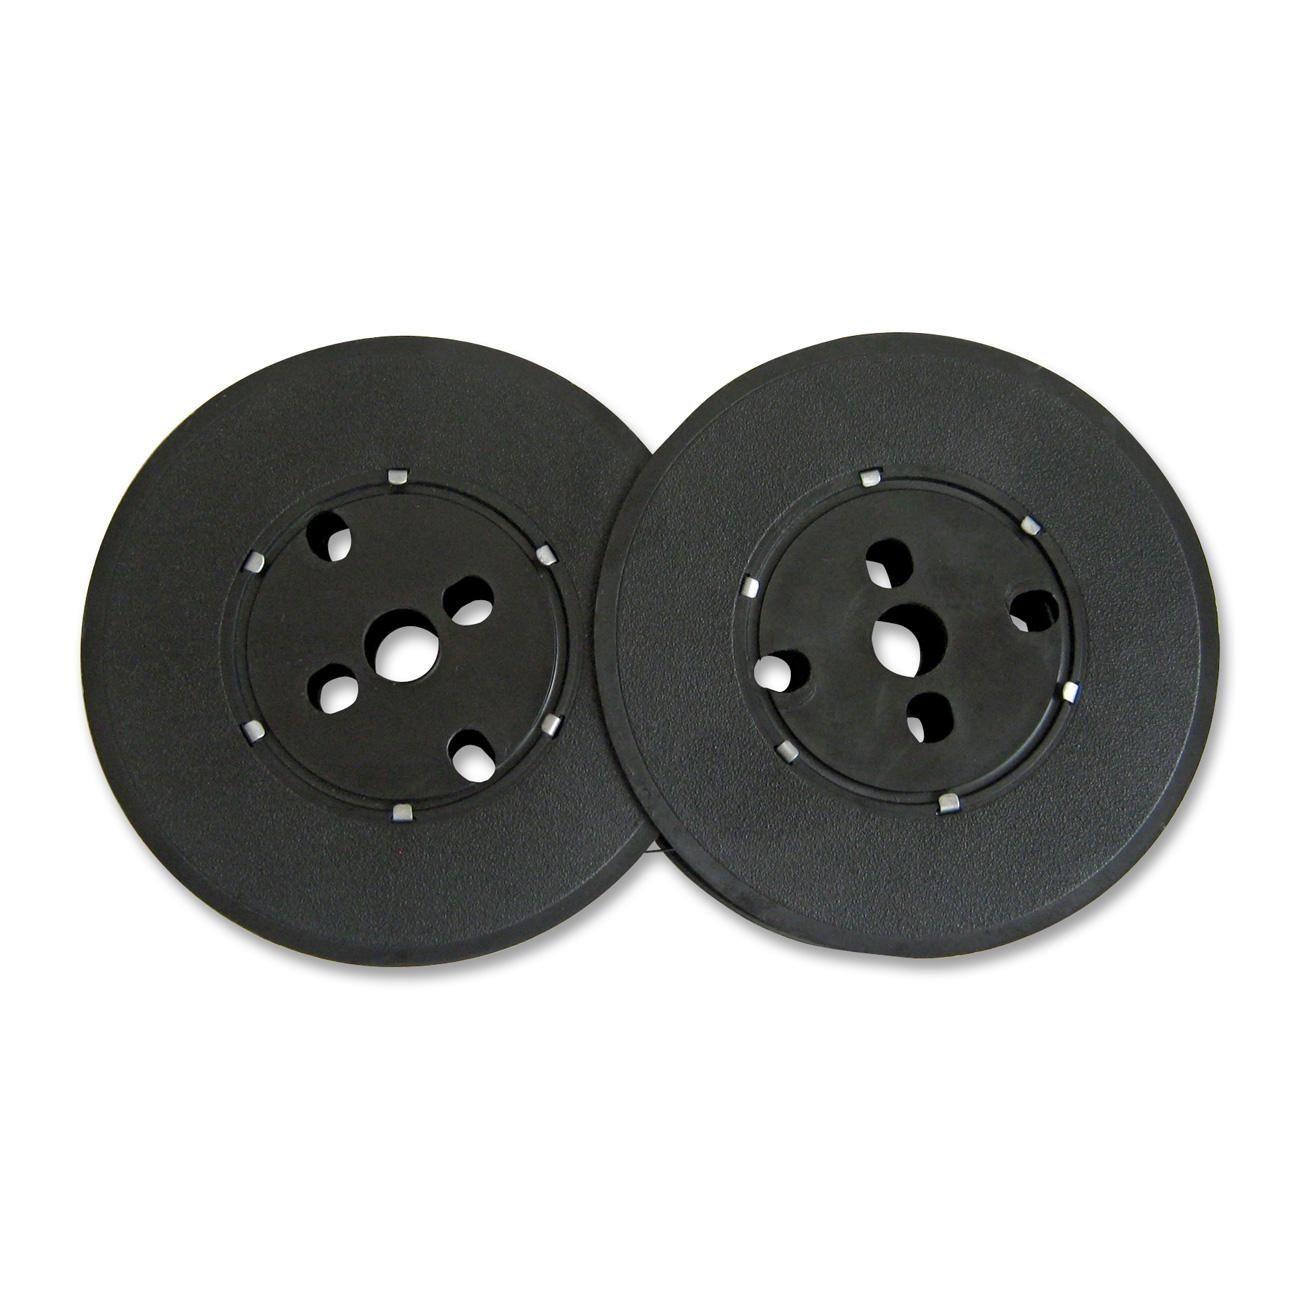 DEC LA30 LA35 LA36 LA40 LA60 LA80 LA240 Printer Ribbon Black (2 Pack)